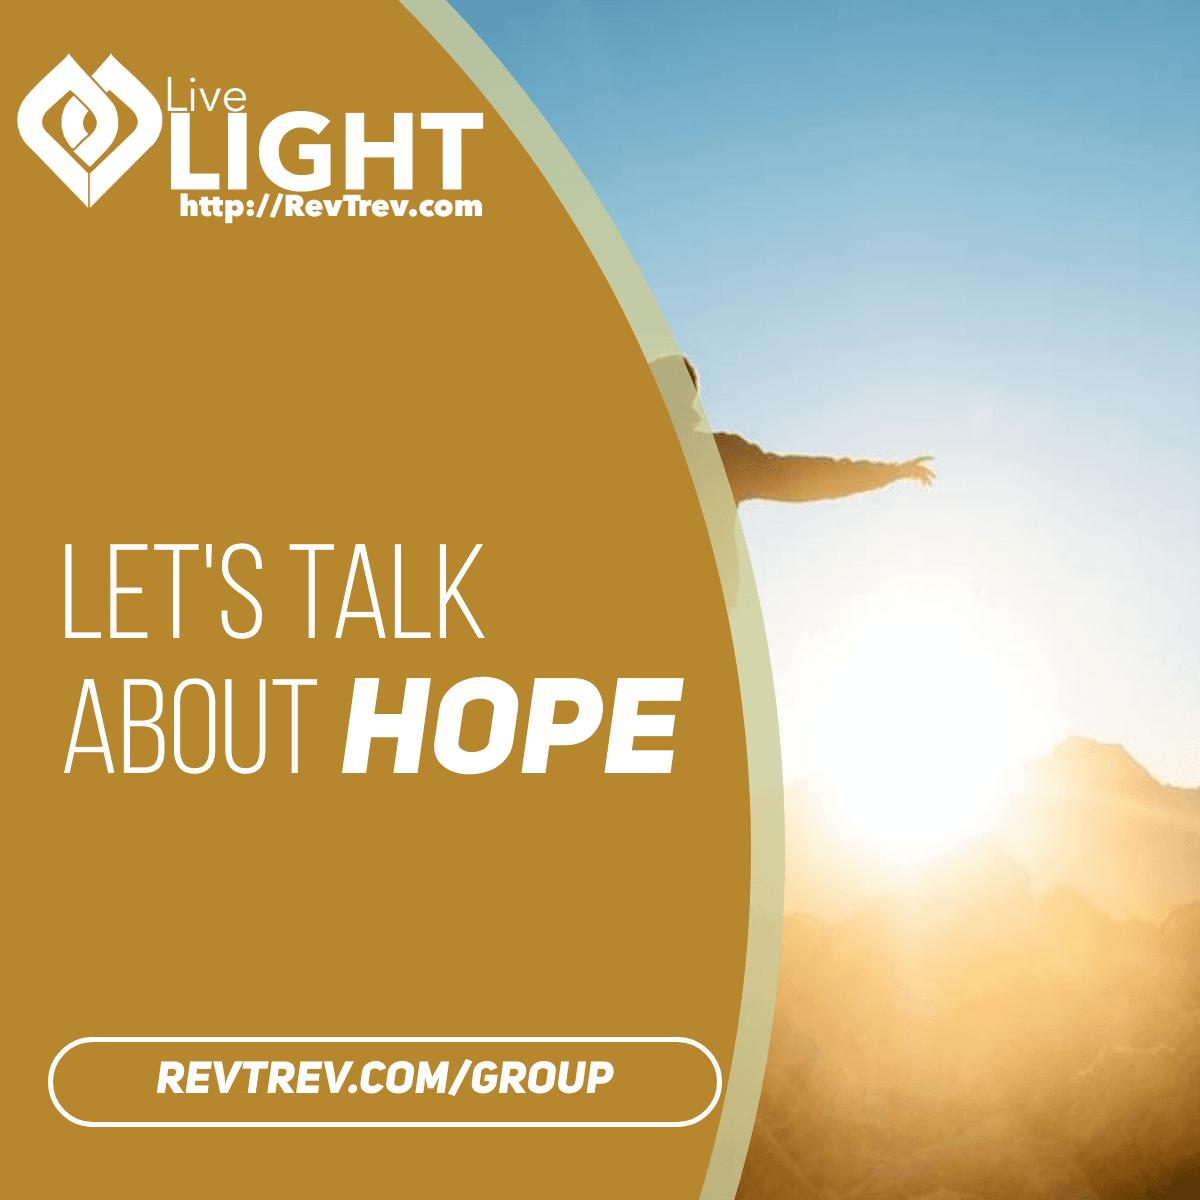 Let's talk about Hope via @trevorlund